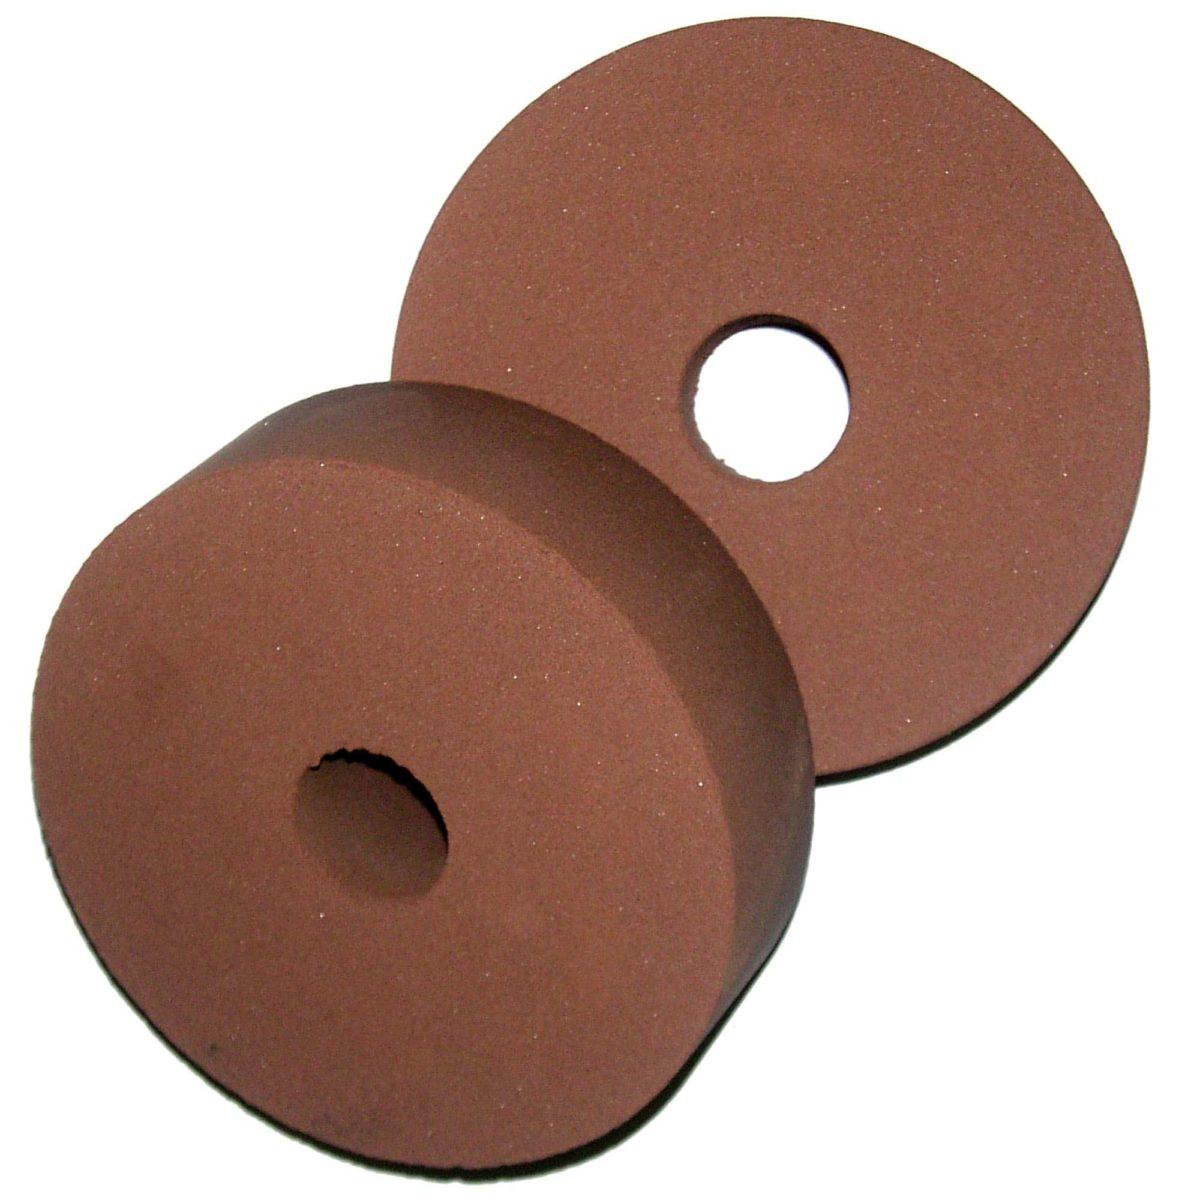 Muela Periferica Ceramica 120x25x22mm. Mod. Top